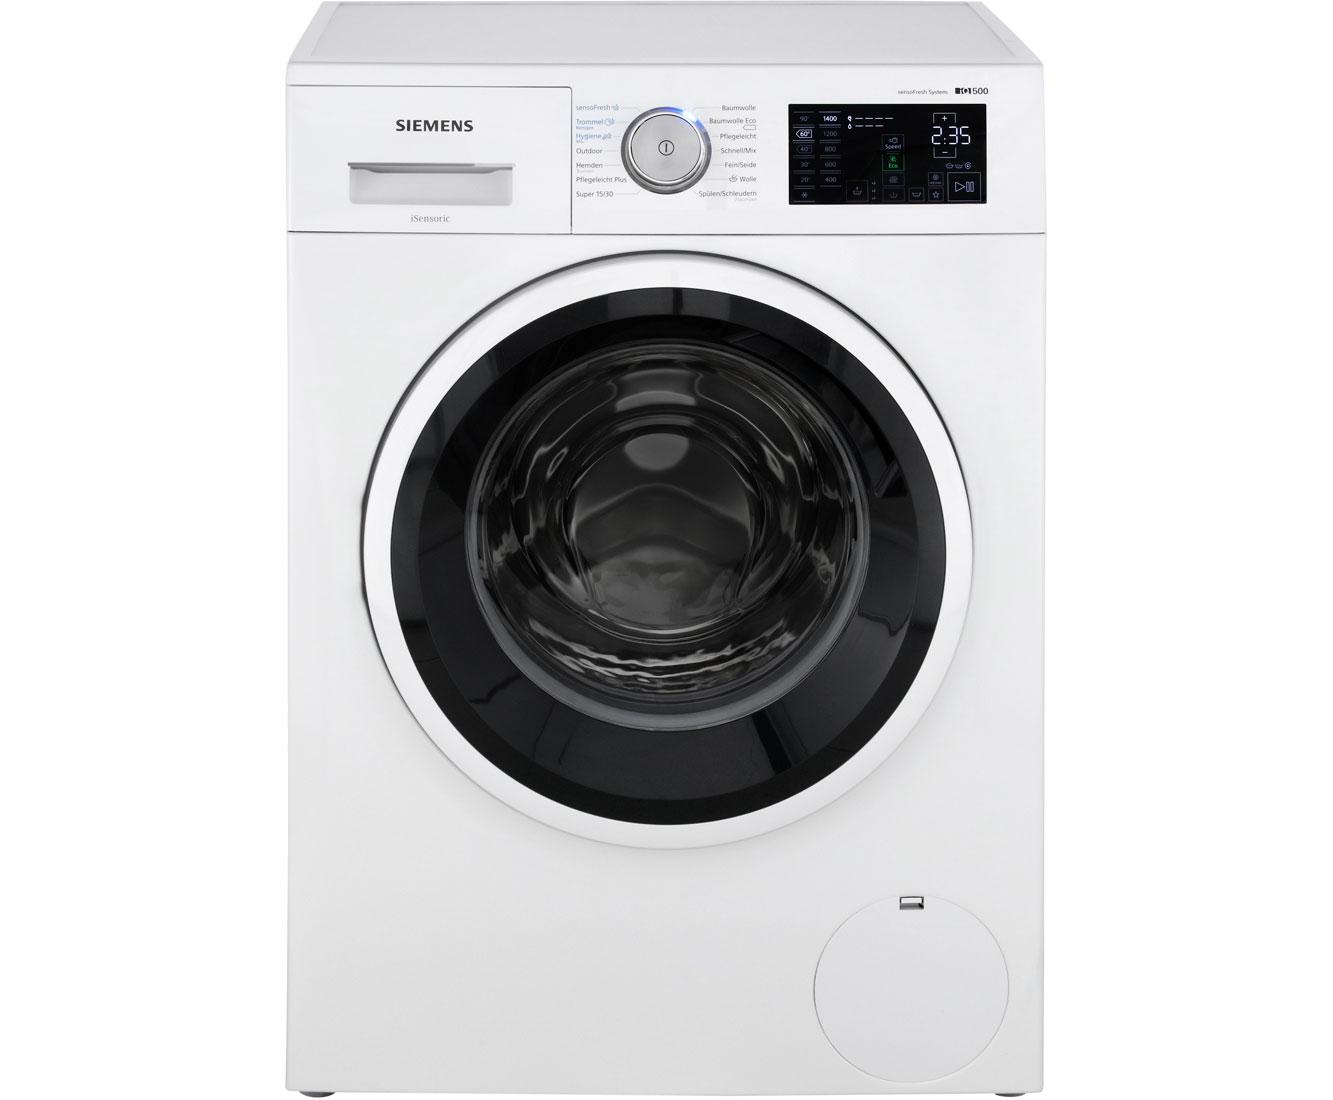 Siemens iq500 wm14t720 waschmaschine mit sensofresh 8 kg 1400 u